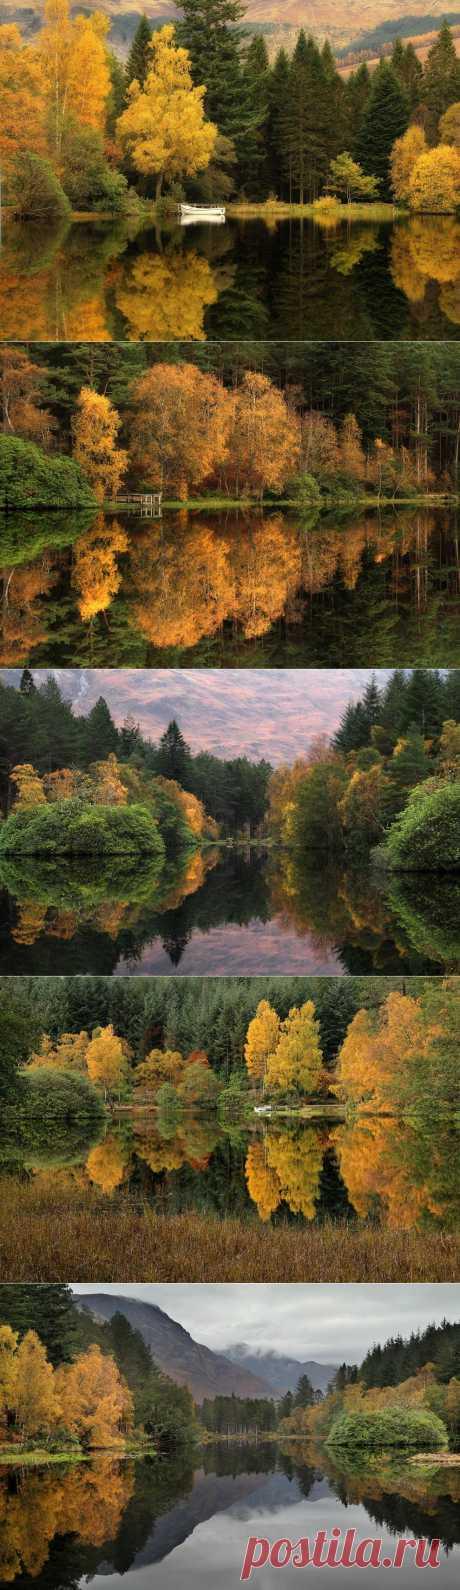 Отражение мира в природных зеркалах от Роджера Меррифилда | Newpix.ru - позитивный интернет-журнал